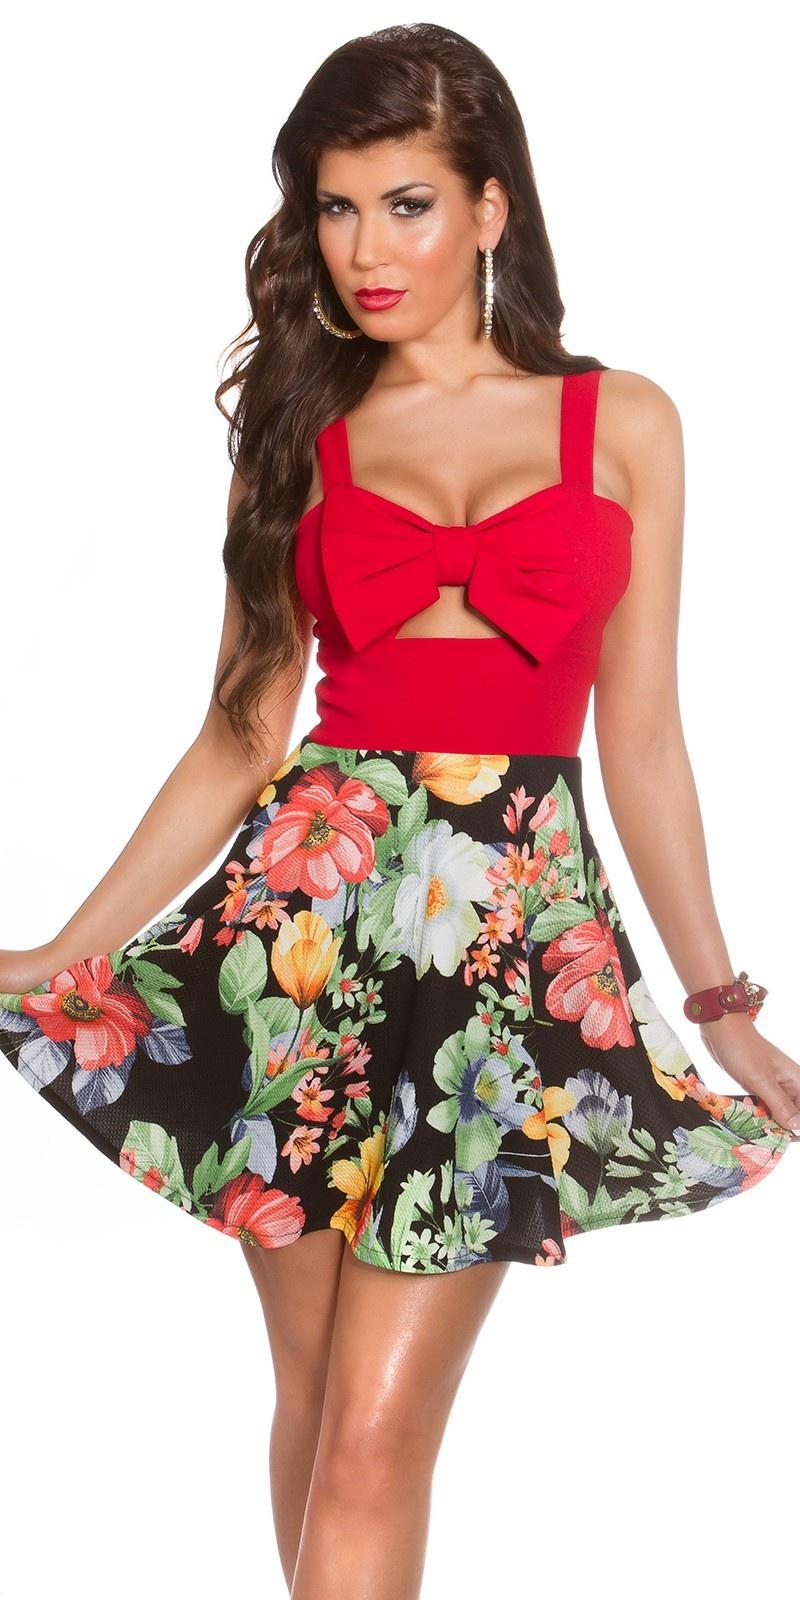 Sexy zomerjurk met uitsparingen & bloemen-print rood